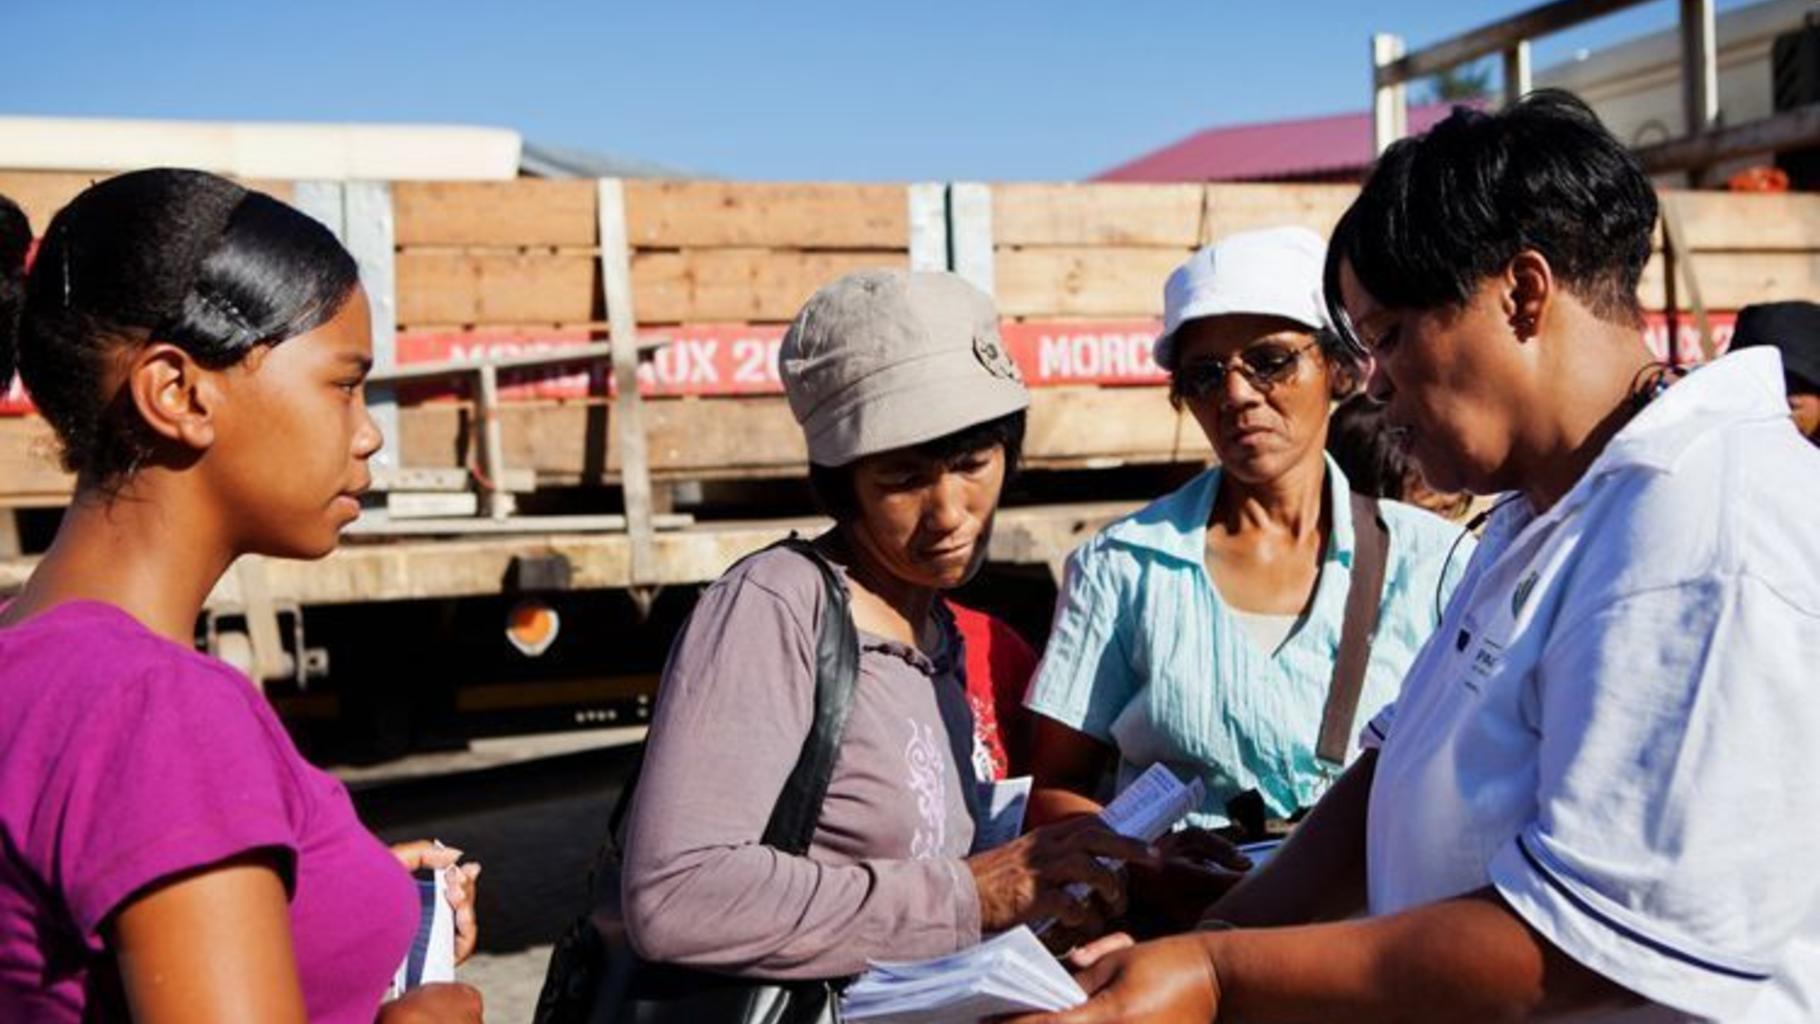 Frauen erhalten Informationsmaterial zu ihren Arbeitsrechten.